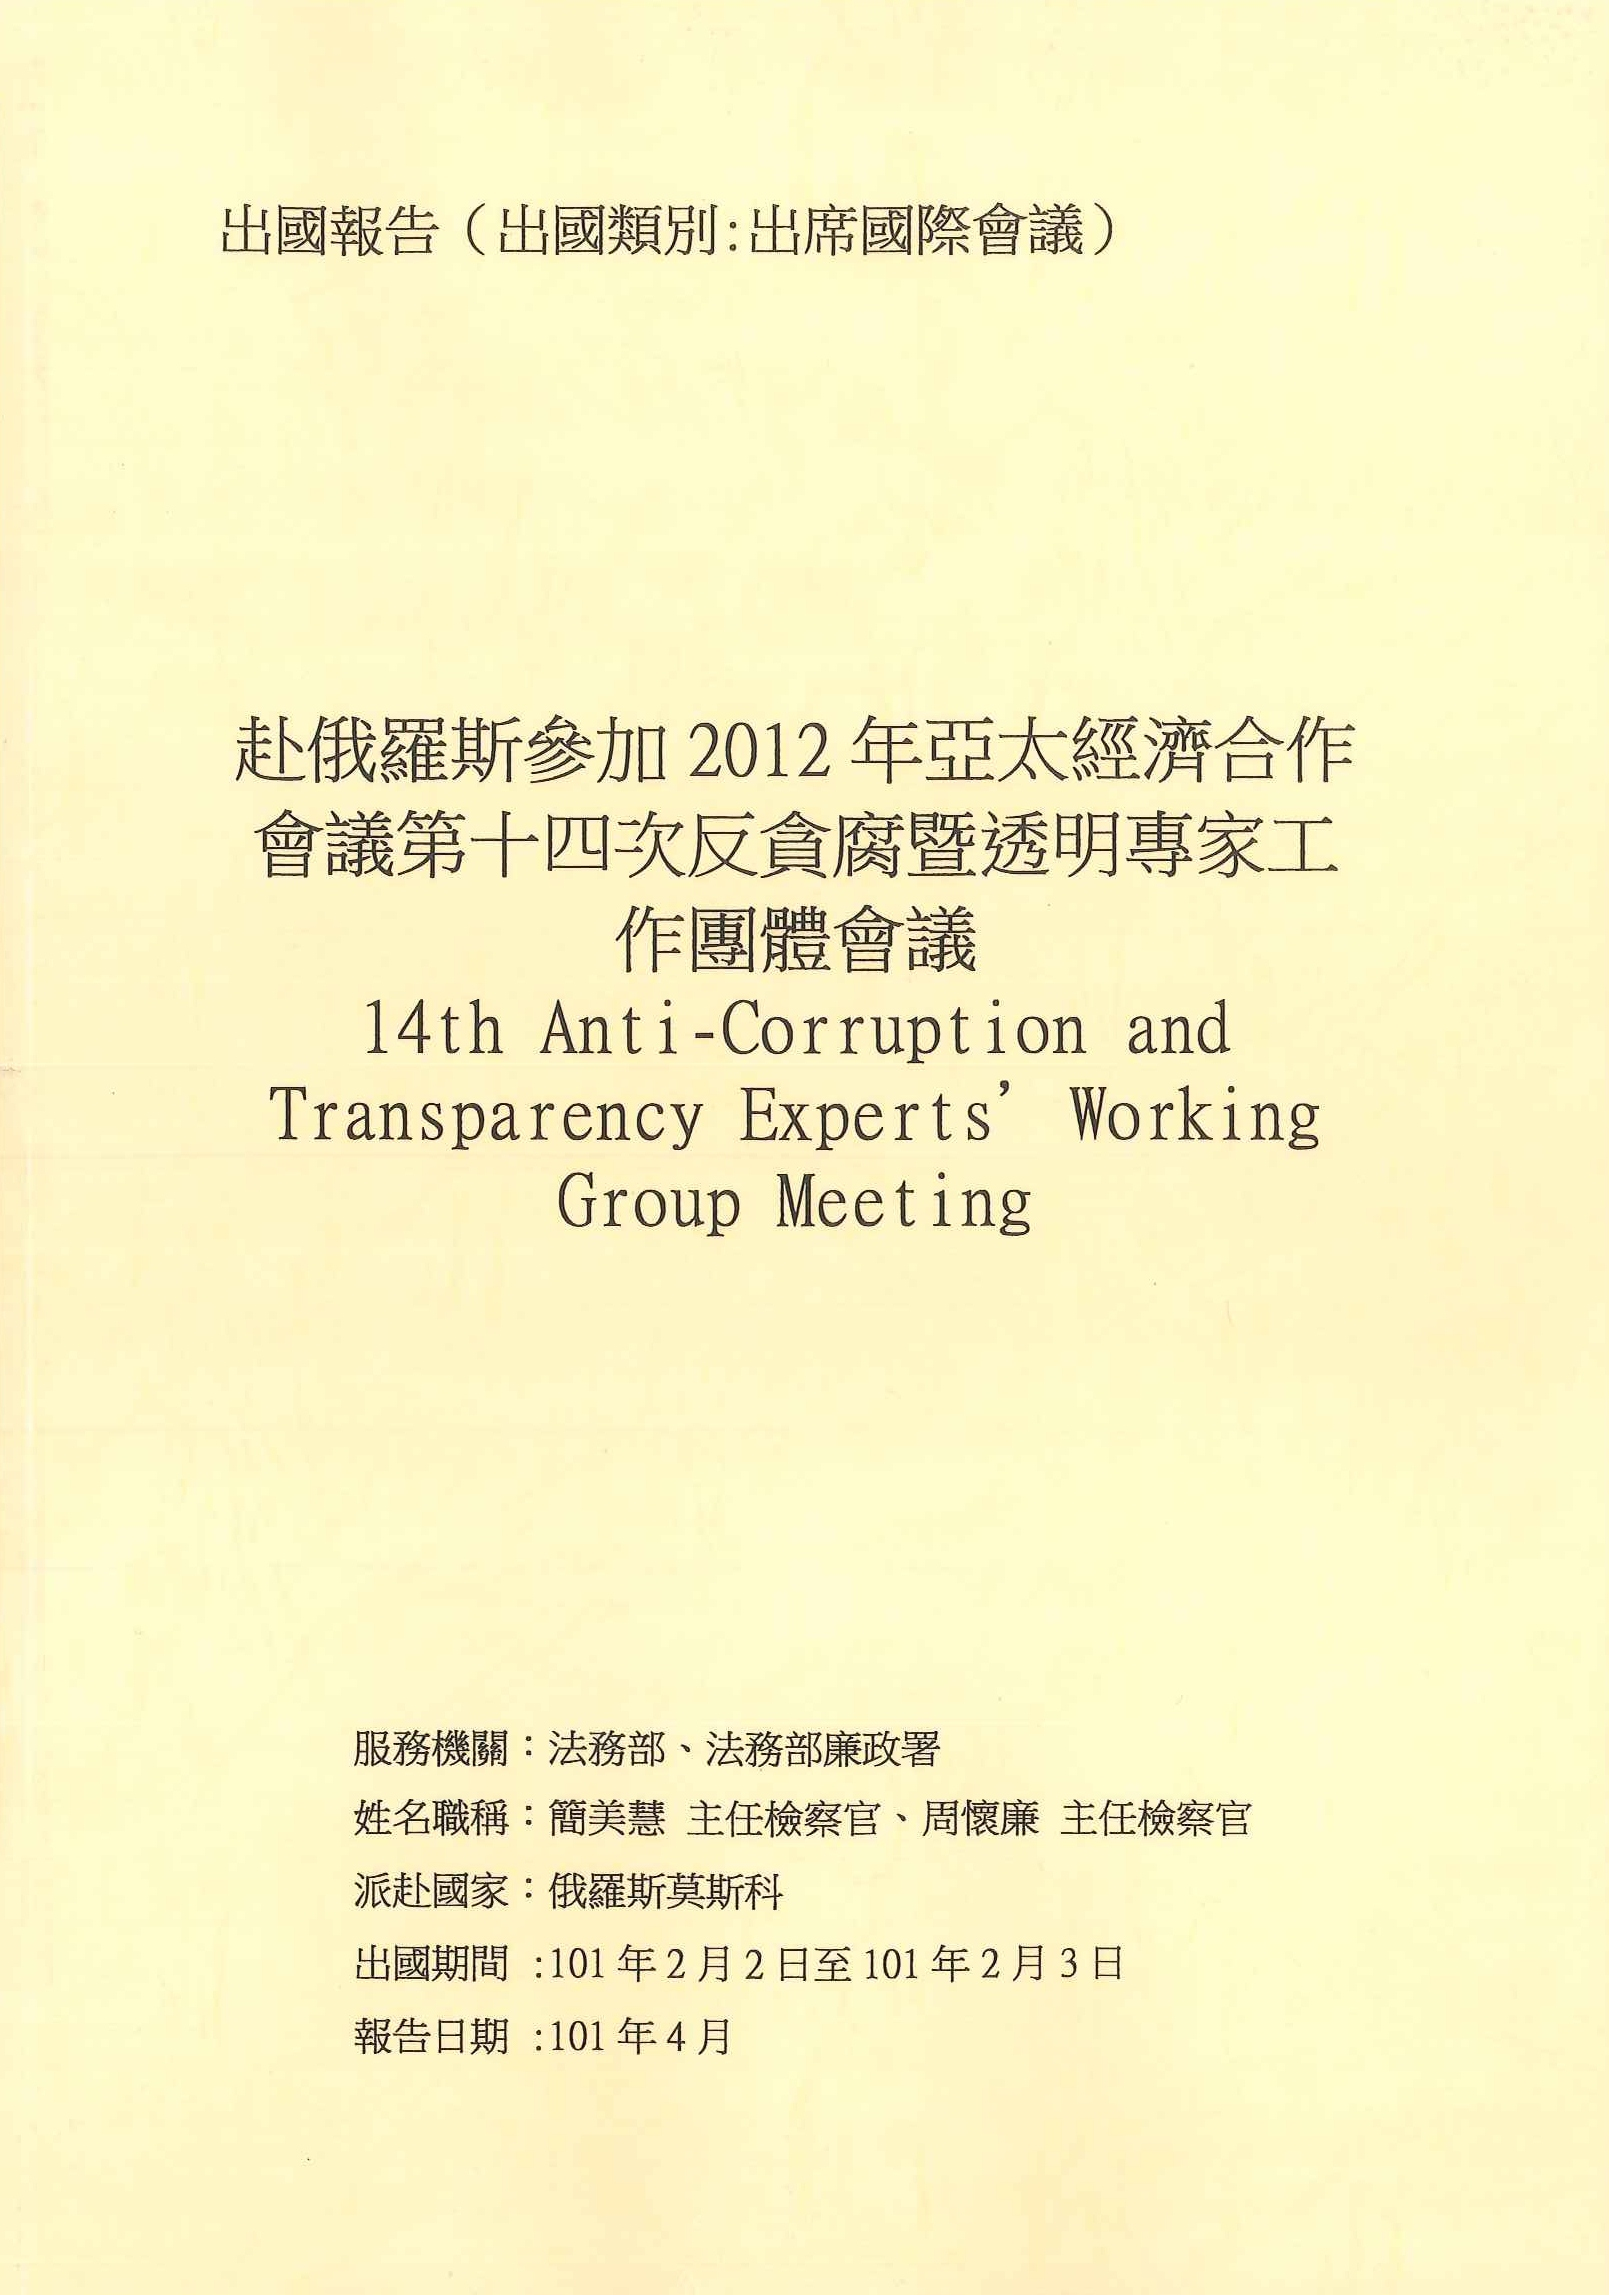 赴俄羅斯參加2012年亞太經濟合作會議第十四次反貪腐暨透明專家工作團體會議=14th Anti-Corruption and Transparency Experts